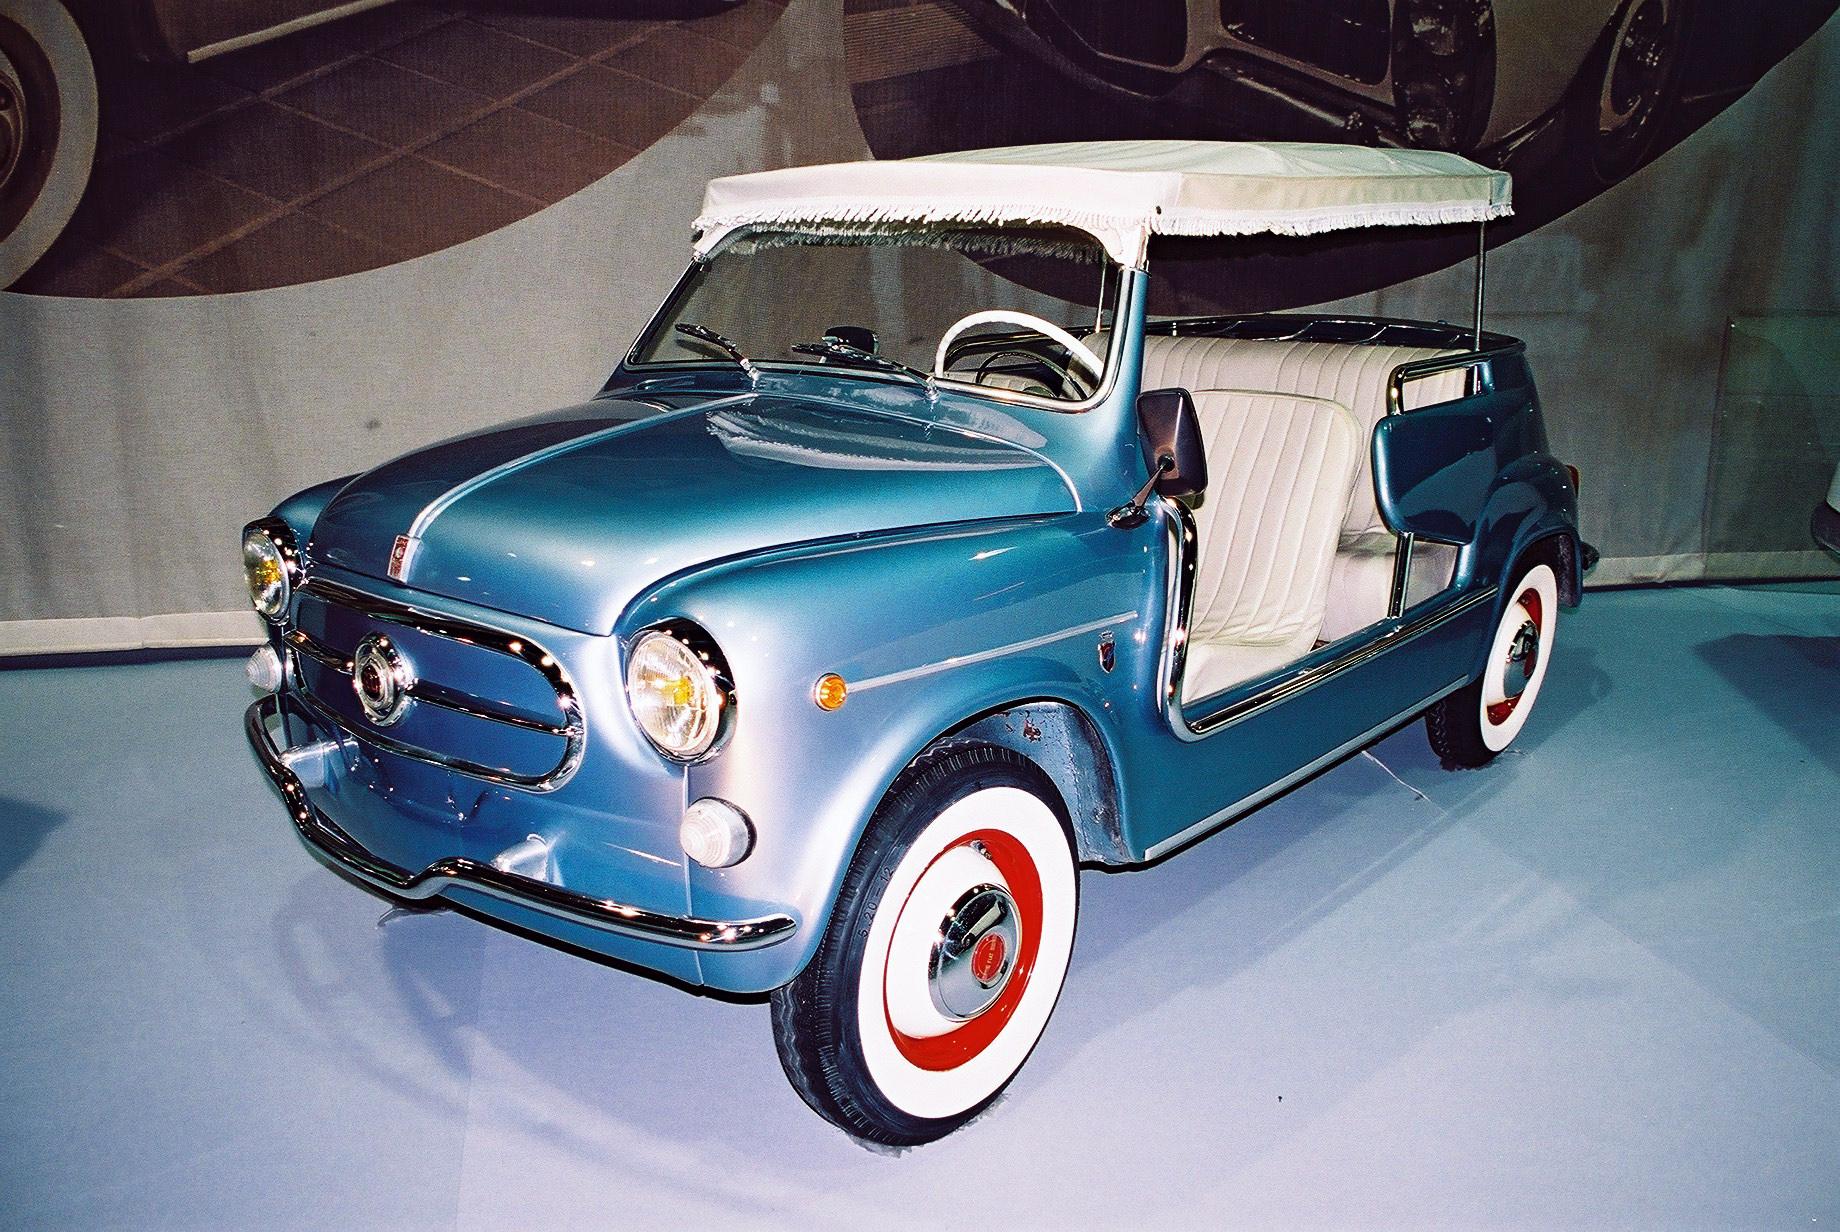 Fiat 600 Jolly - plażowe cacko, zbudowane w 1959 r. przez włoską oficynę karoseryjną Ghia dla księcia Monako Rainiera III. Fot.Grzegorz Chmielewski